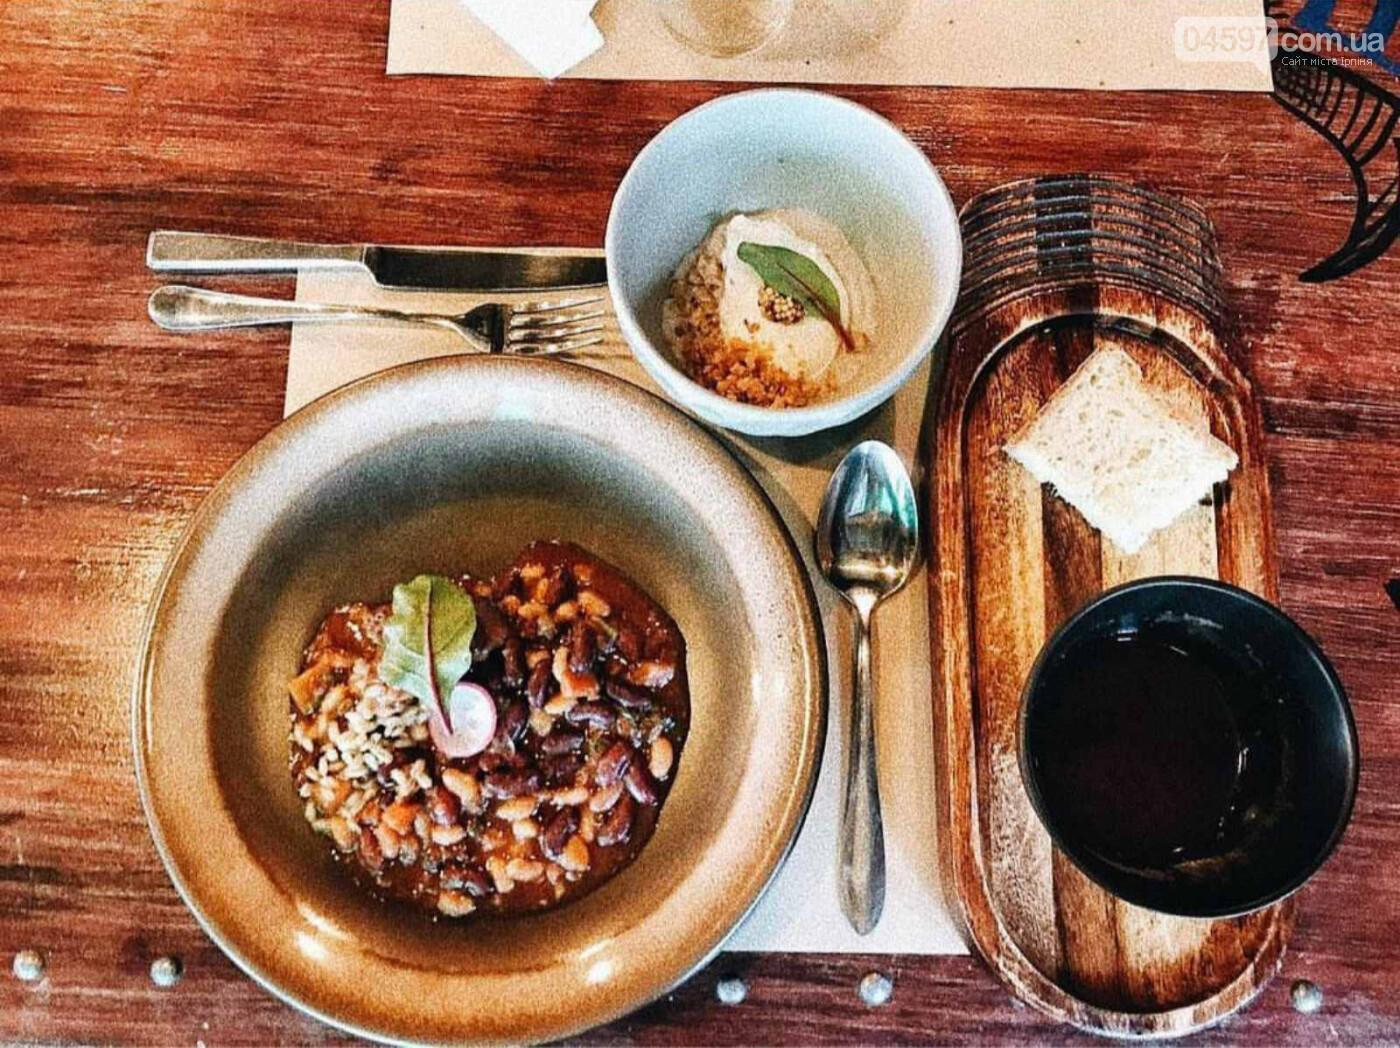 Огляд кафе і ресторанів Ірпеня: де найдешевші бізнес-ланчі, фото-9